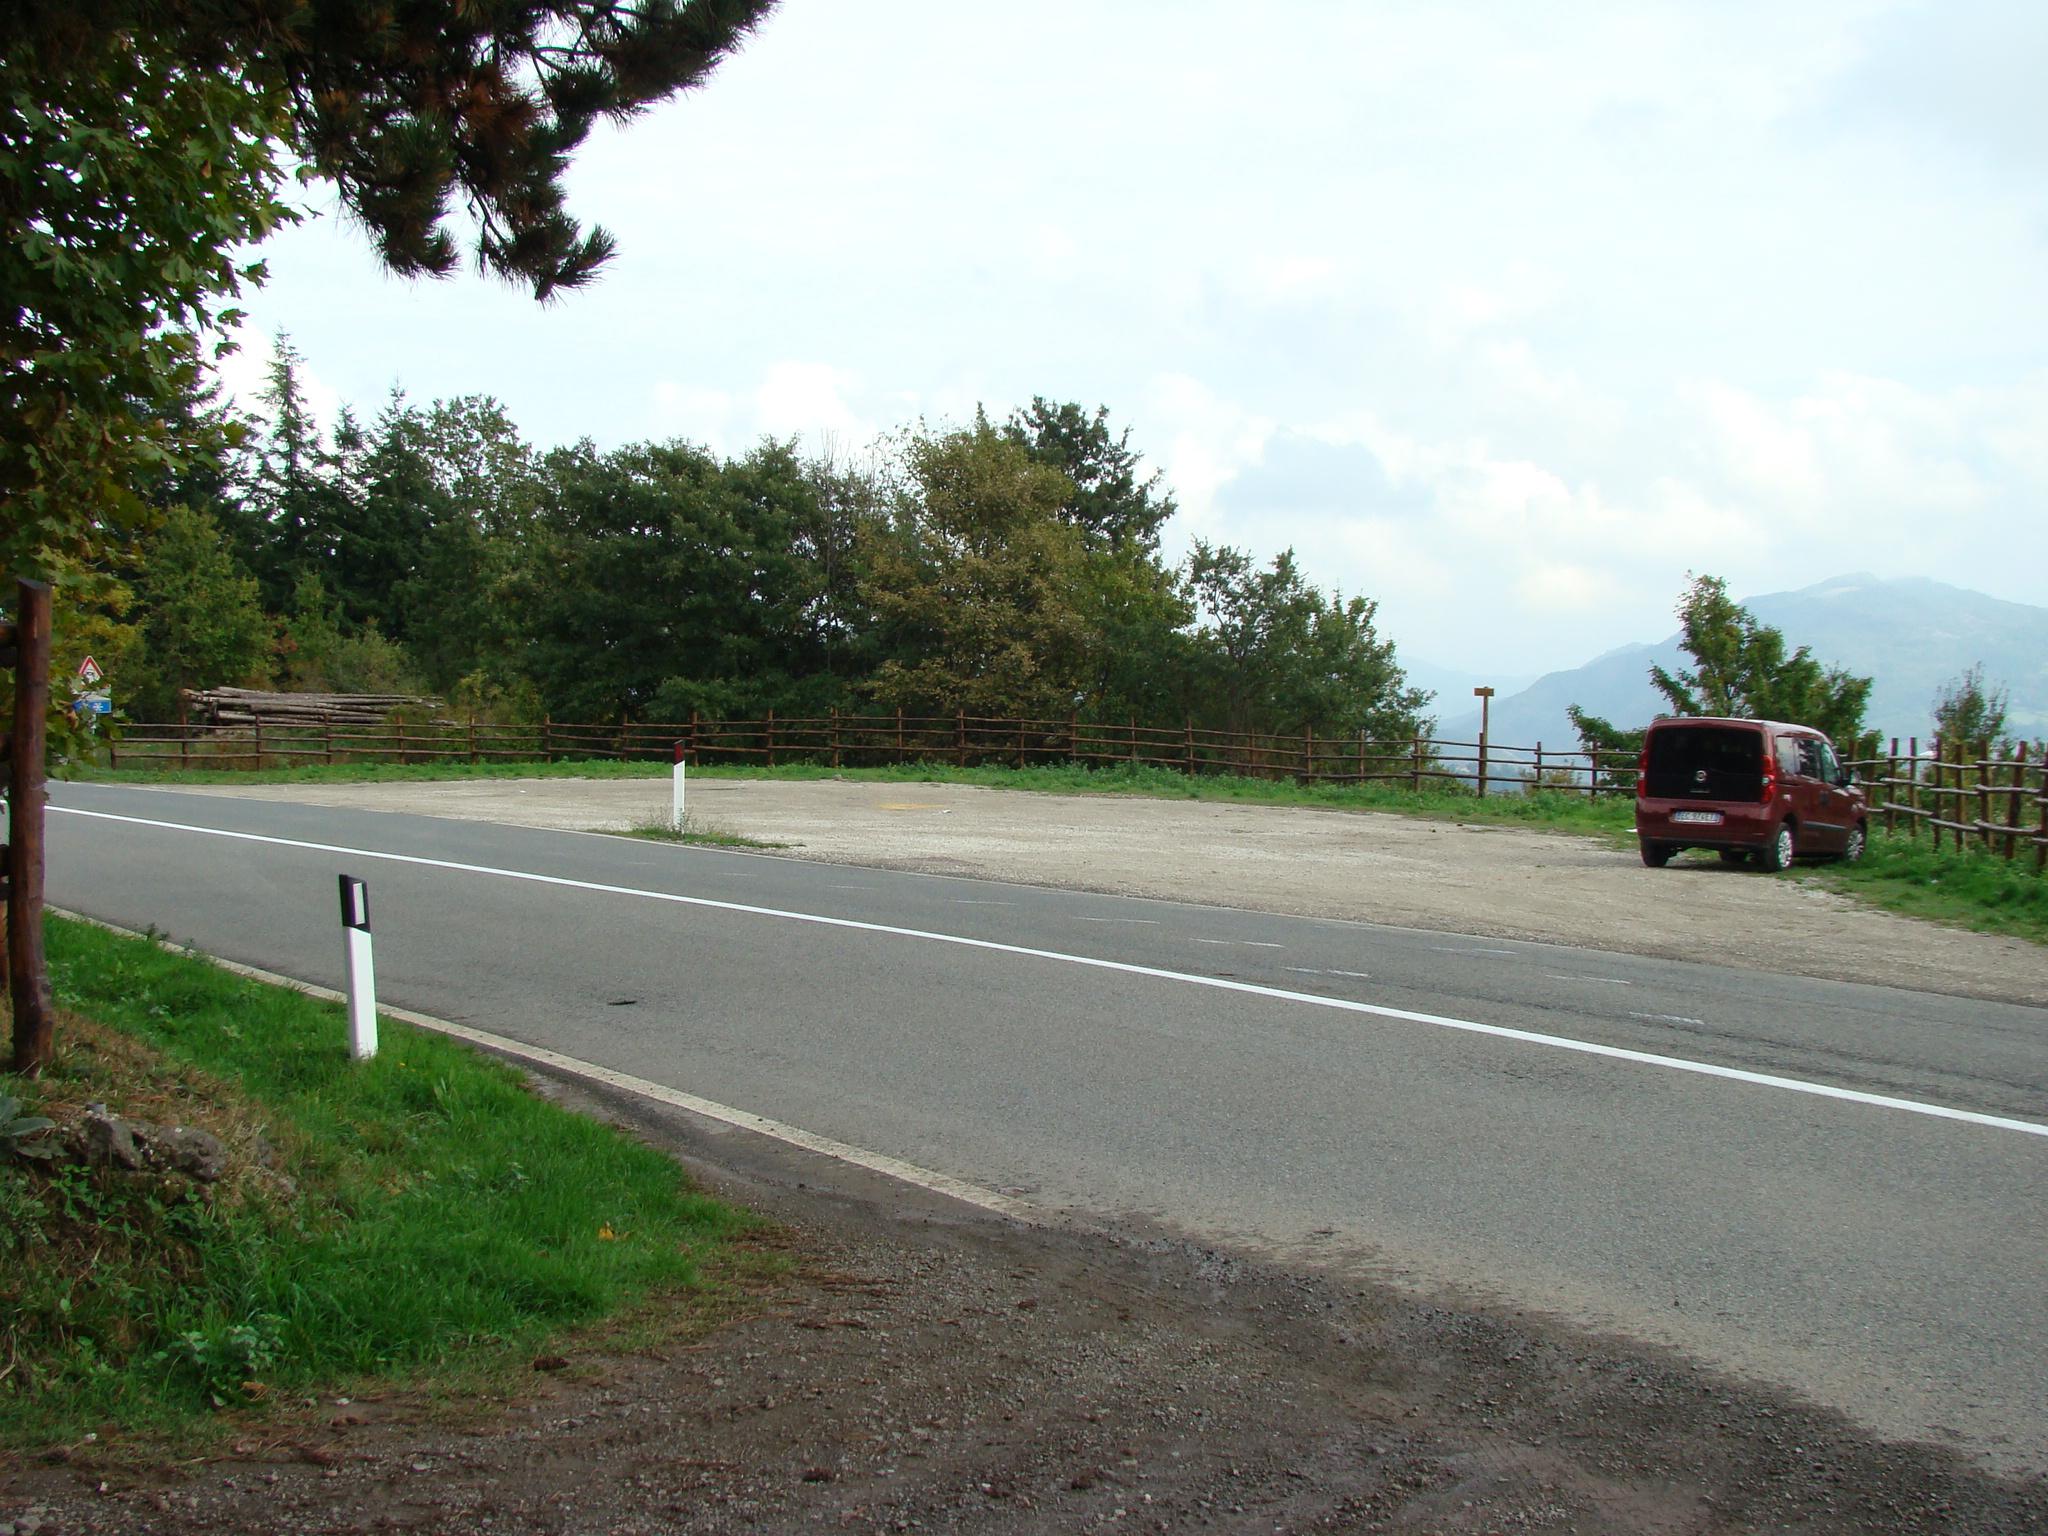 Parcheggio in corrispondenza dell'ingresso dell'area protetta in località Faggiotto (di Giuliana Profeti)